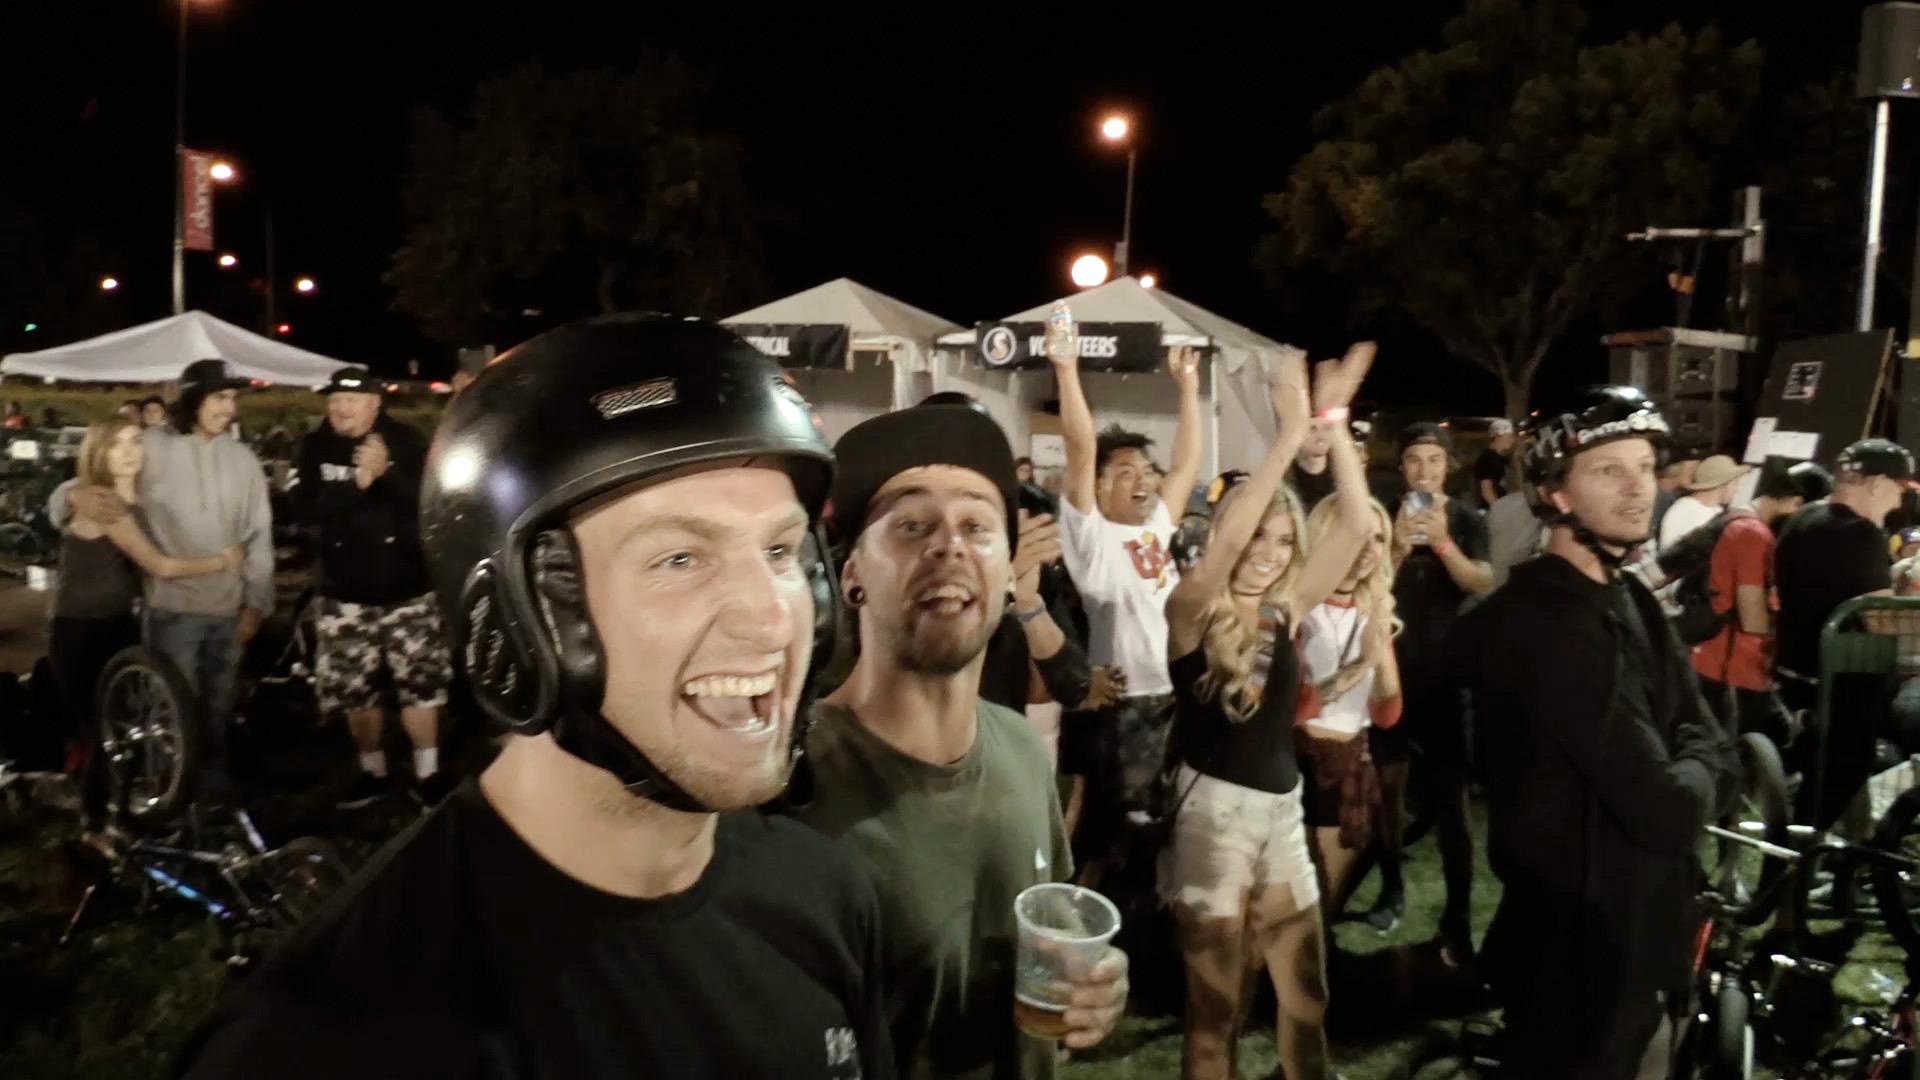 FISE WORLD: Denver - Day 1 - Reactions & Shenanigans